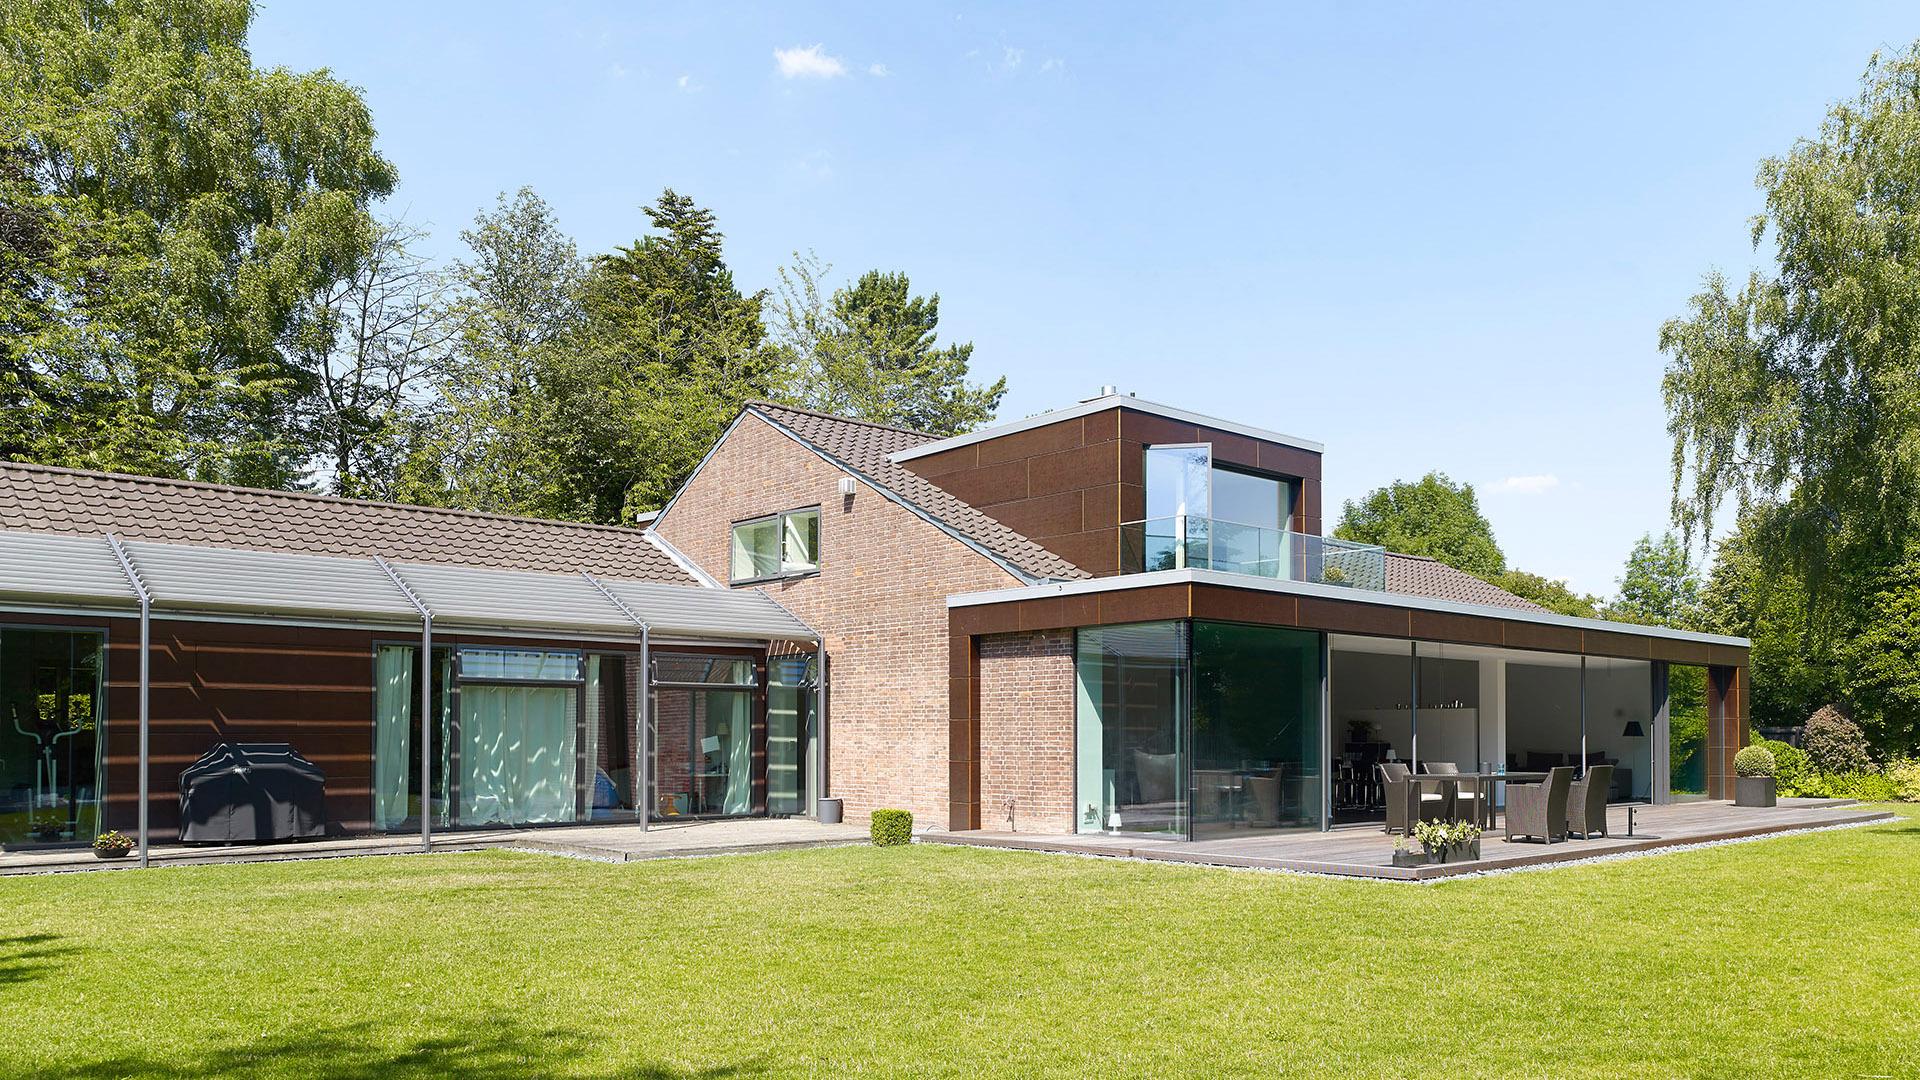 anbau und sanierung eines einfamilienhauses in hannover. Black Bedroom Furniture Sets. Home Design Ideas